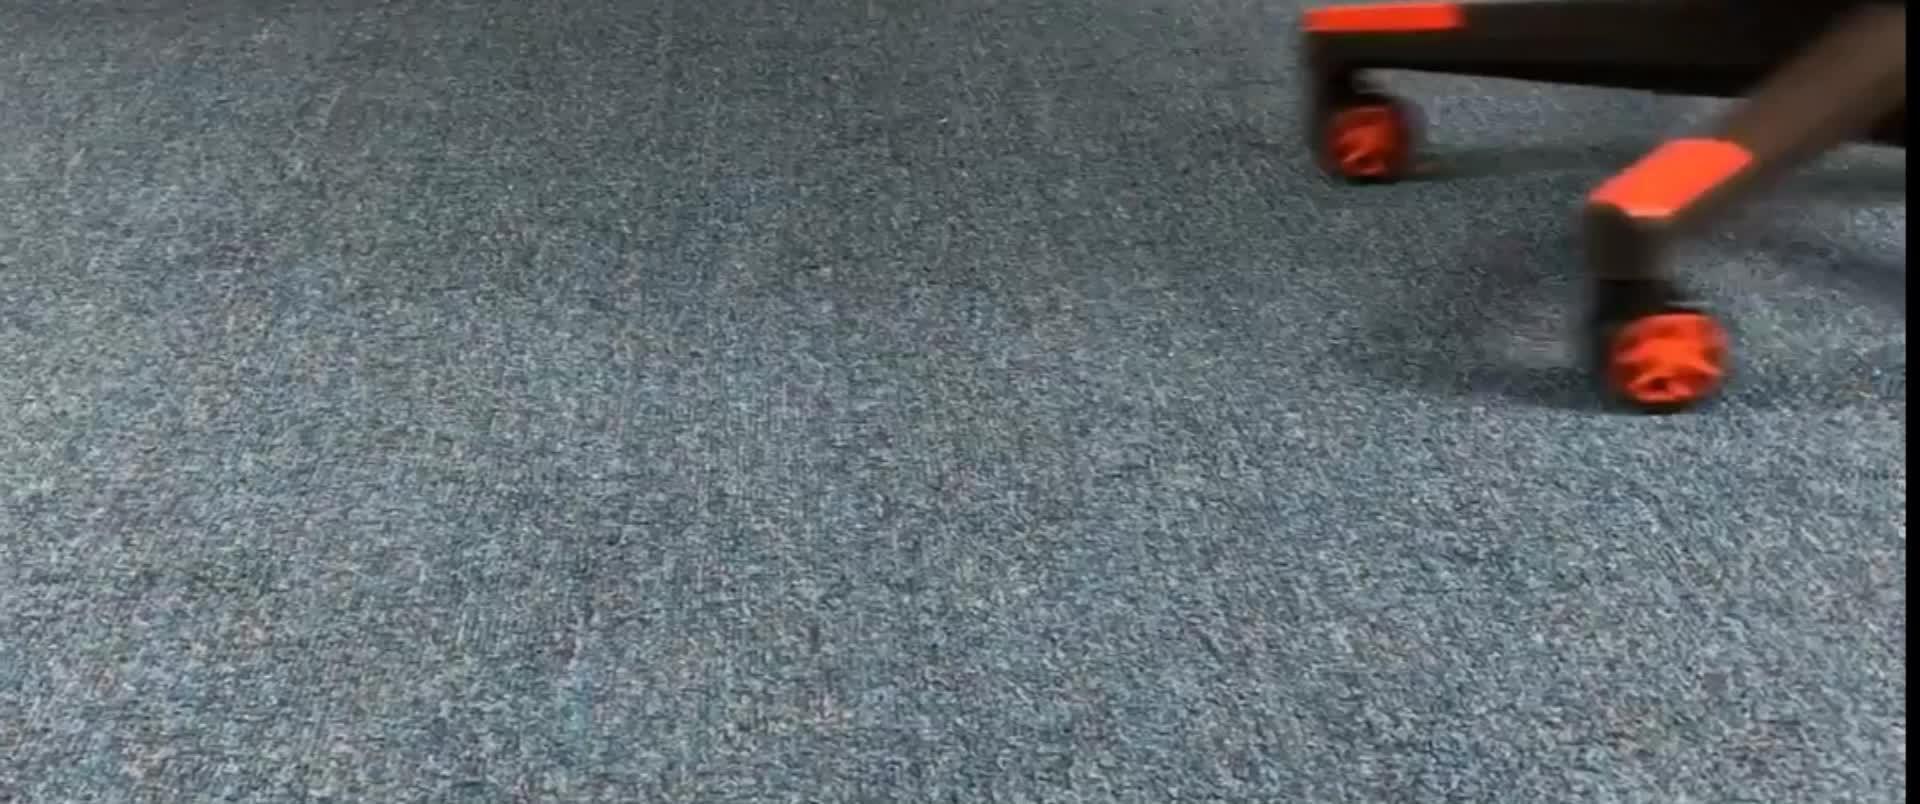 VISKY China Atacado Laptop Tecido Cadeira de Jogos para o Jogador Do Computador Ajustável racign estilo cadeira de couro do escritório